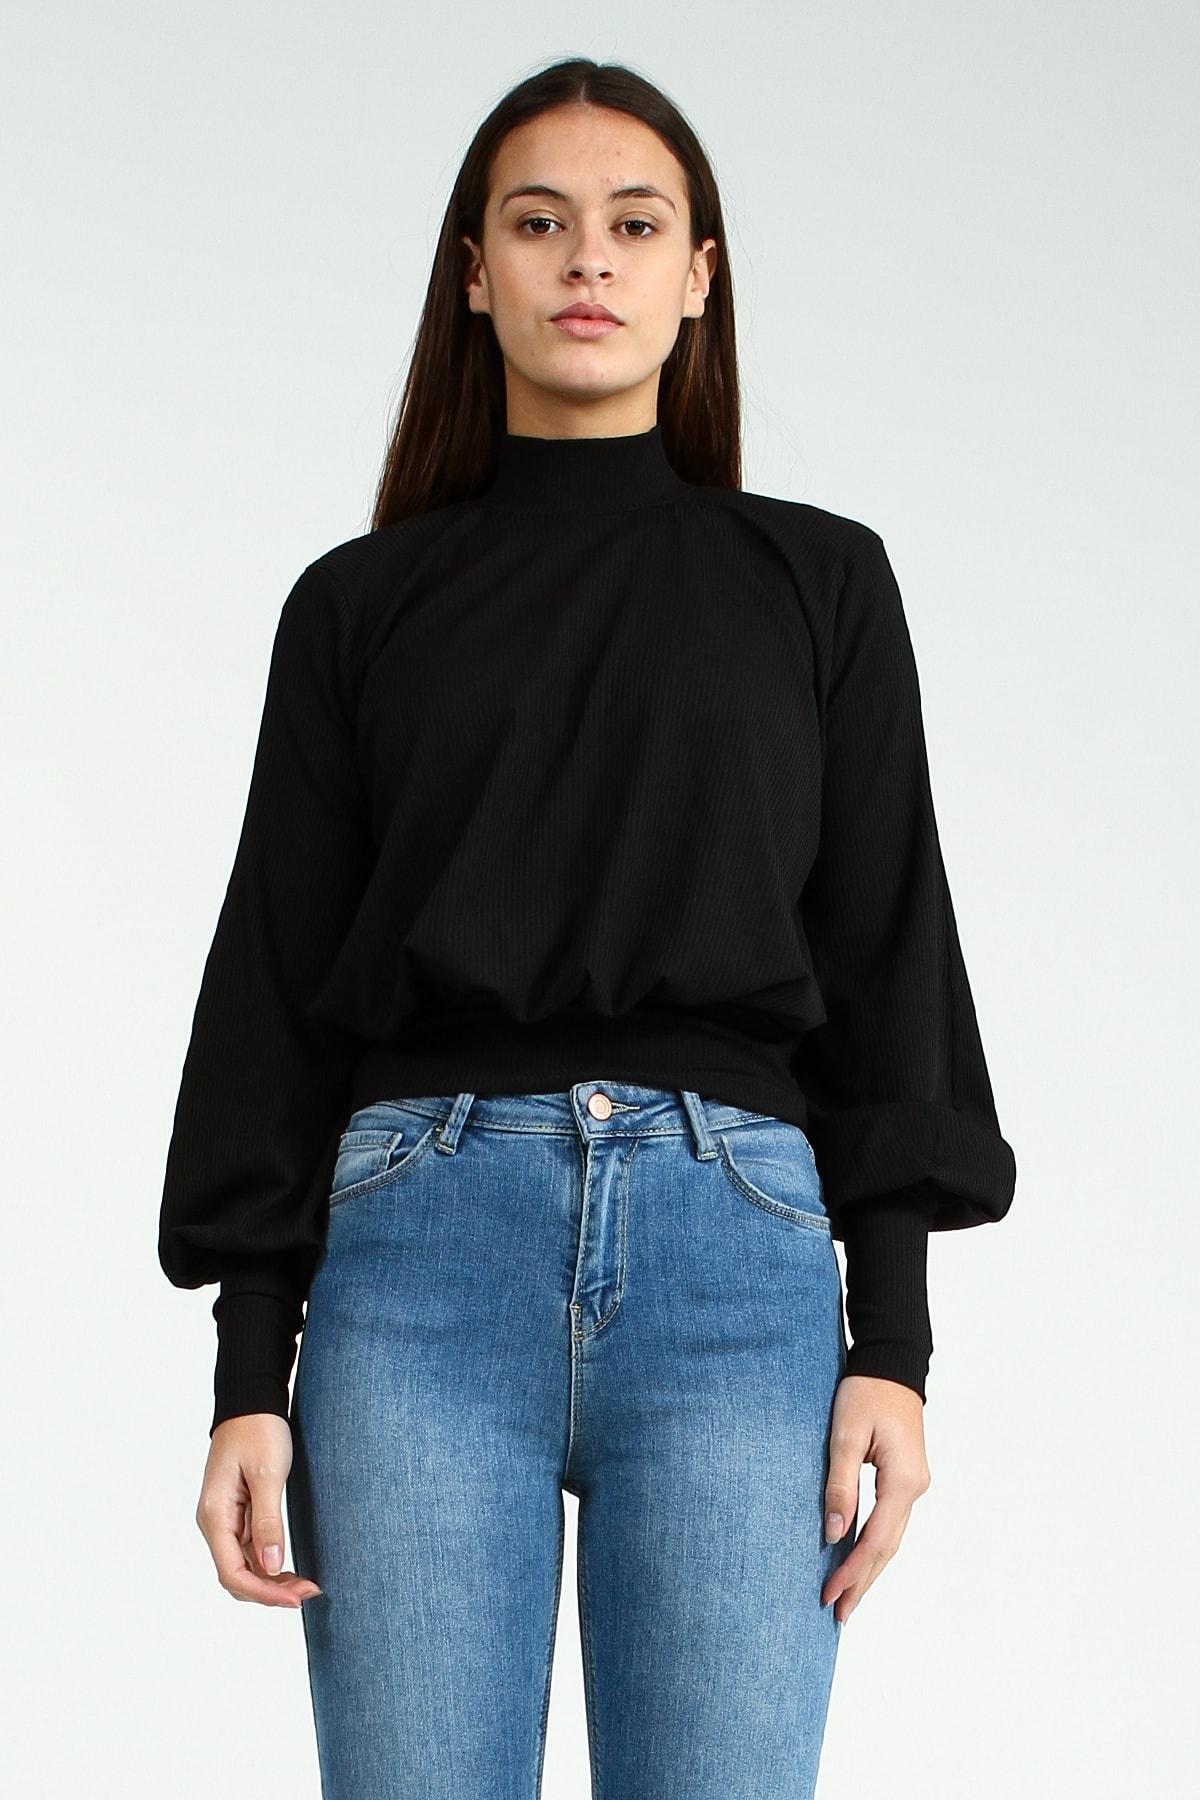 Collezione Siyah Boğazlı Balon Kollu Bel Ve Kol Lastik Detaylı Kadın Bluz 1